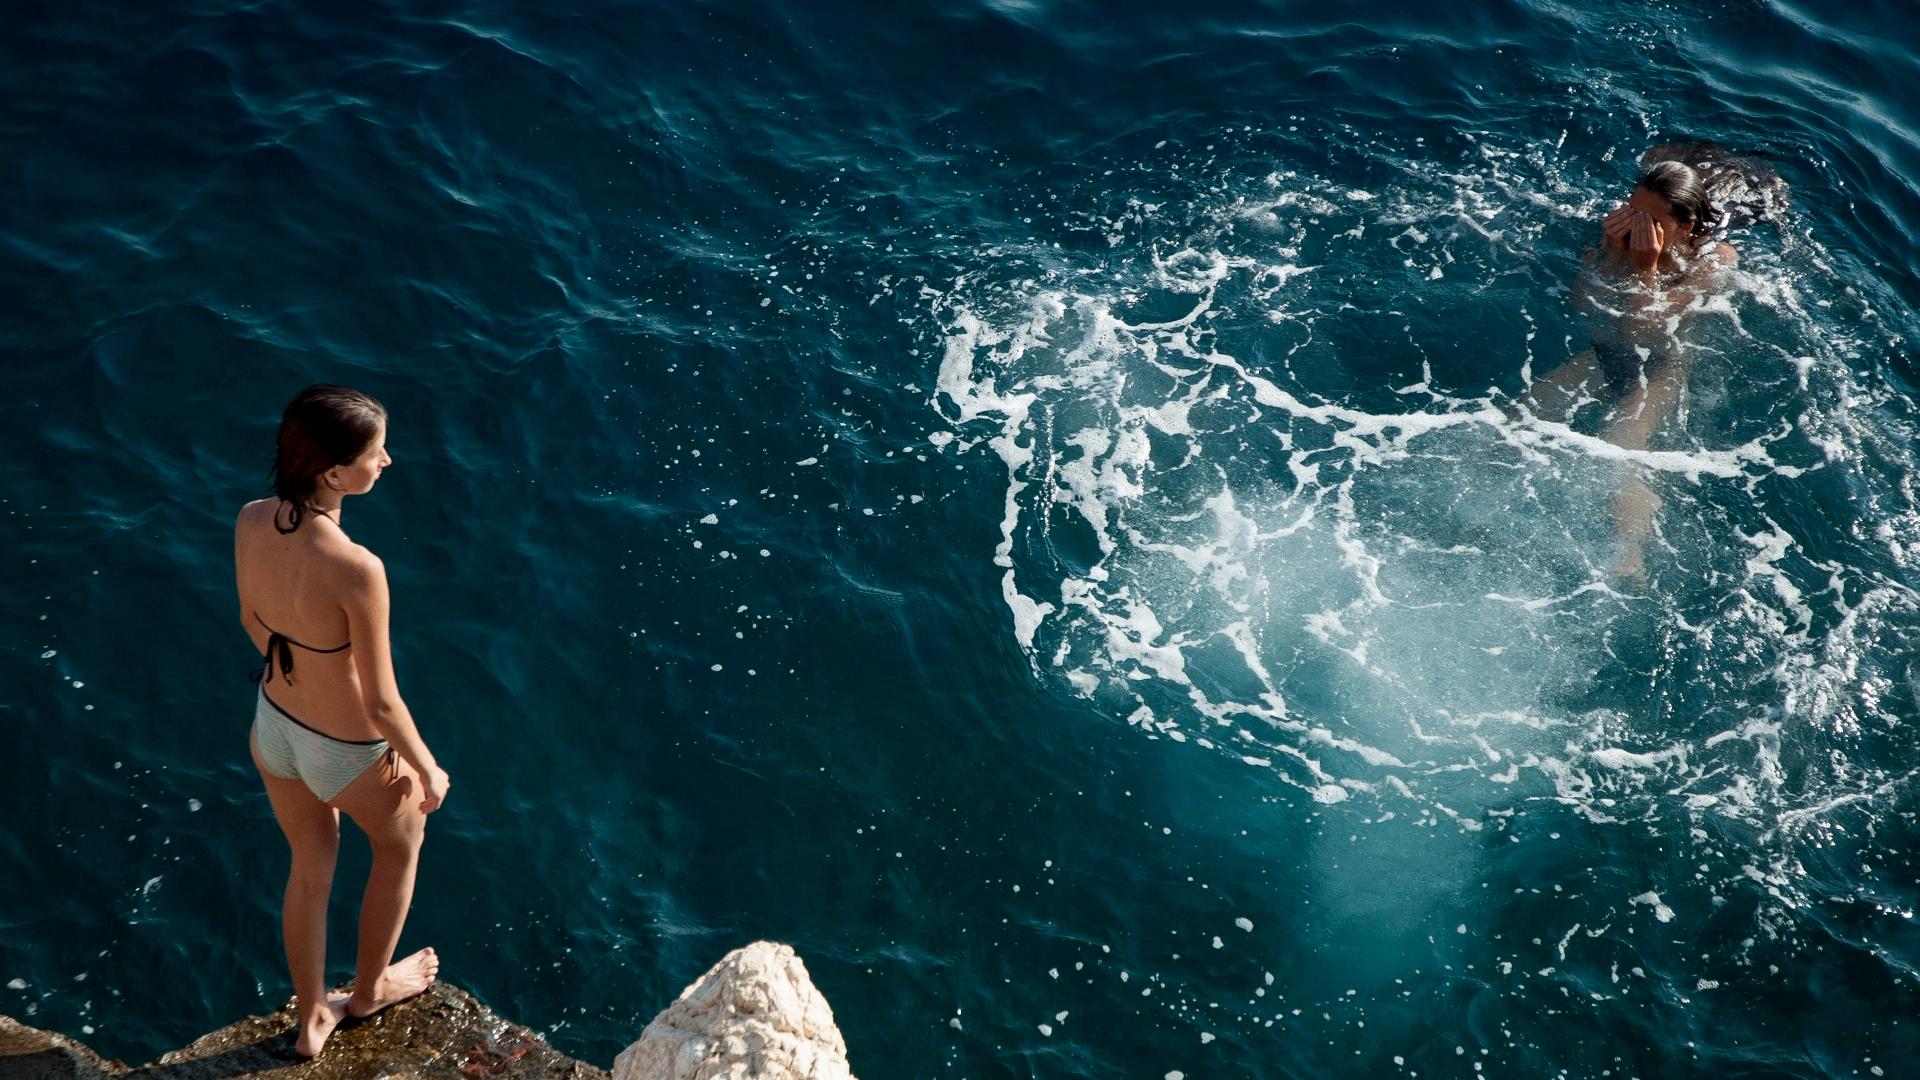 Wasser, Mut, Sprung, Frau, unsplash.com, Orest Yaremchuk